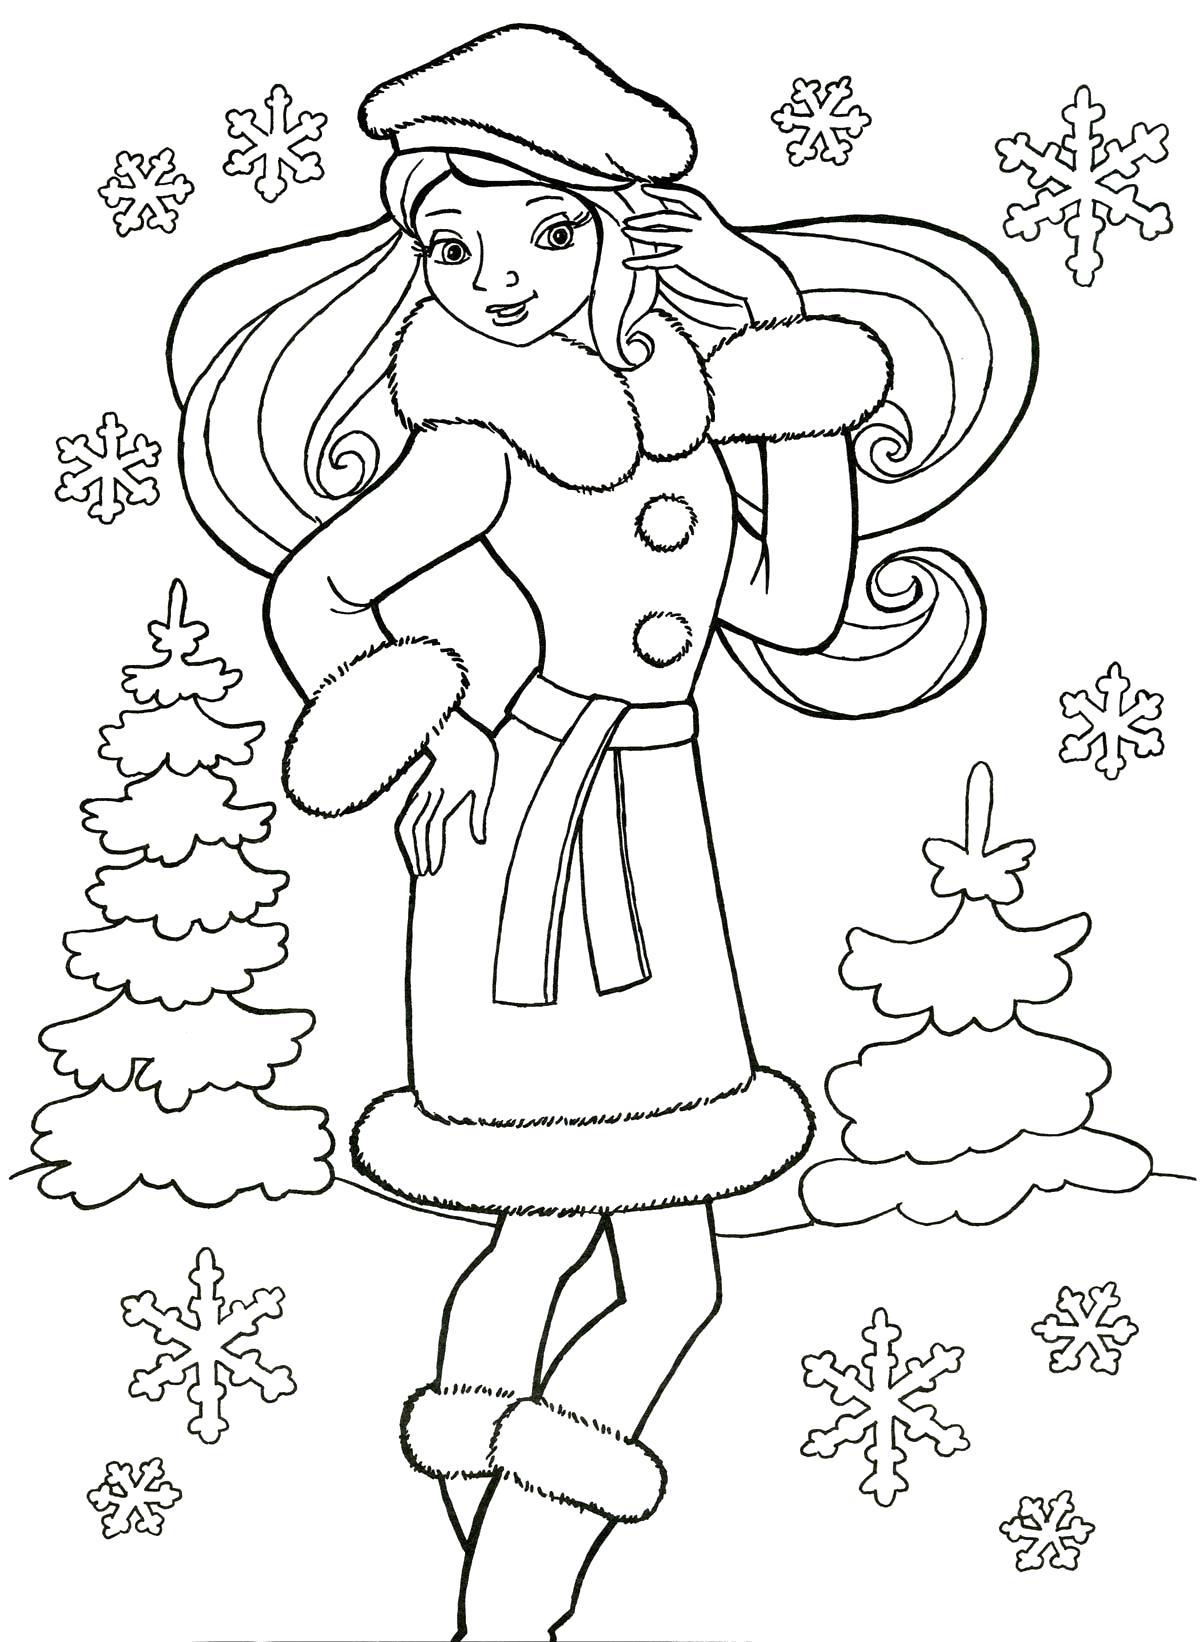 Зима Нравится зима Раскраски цветы хорошего качестваРаскраски для девочек